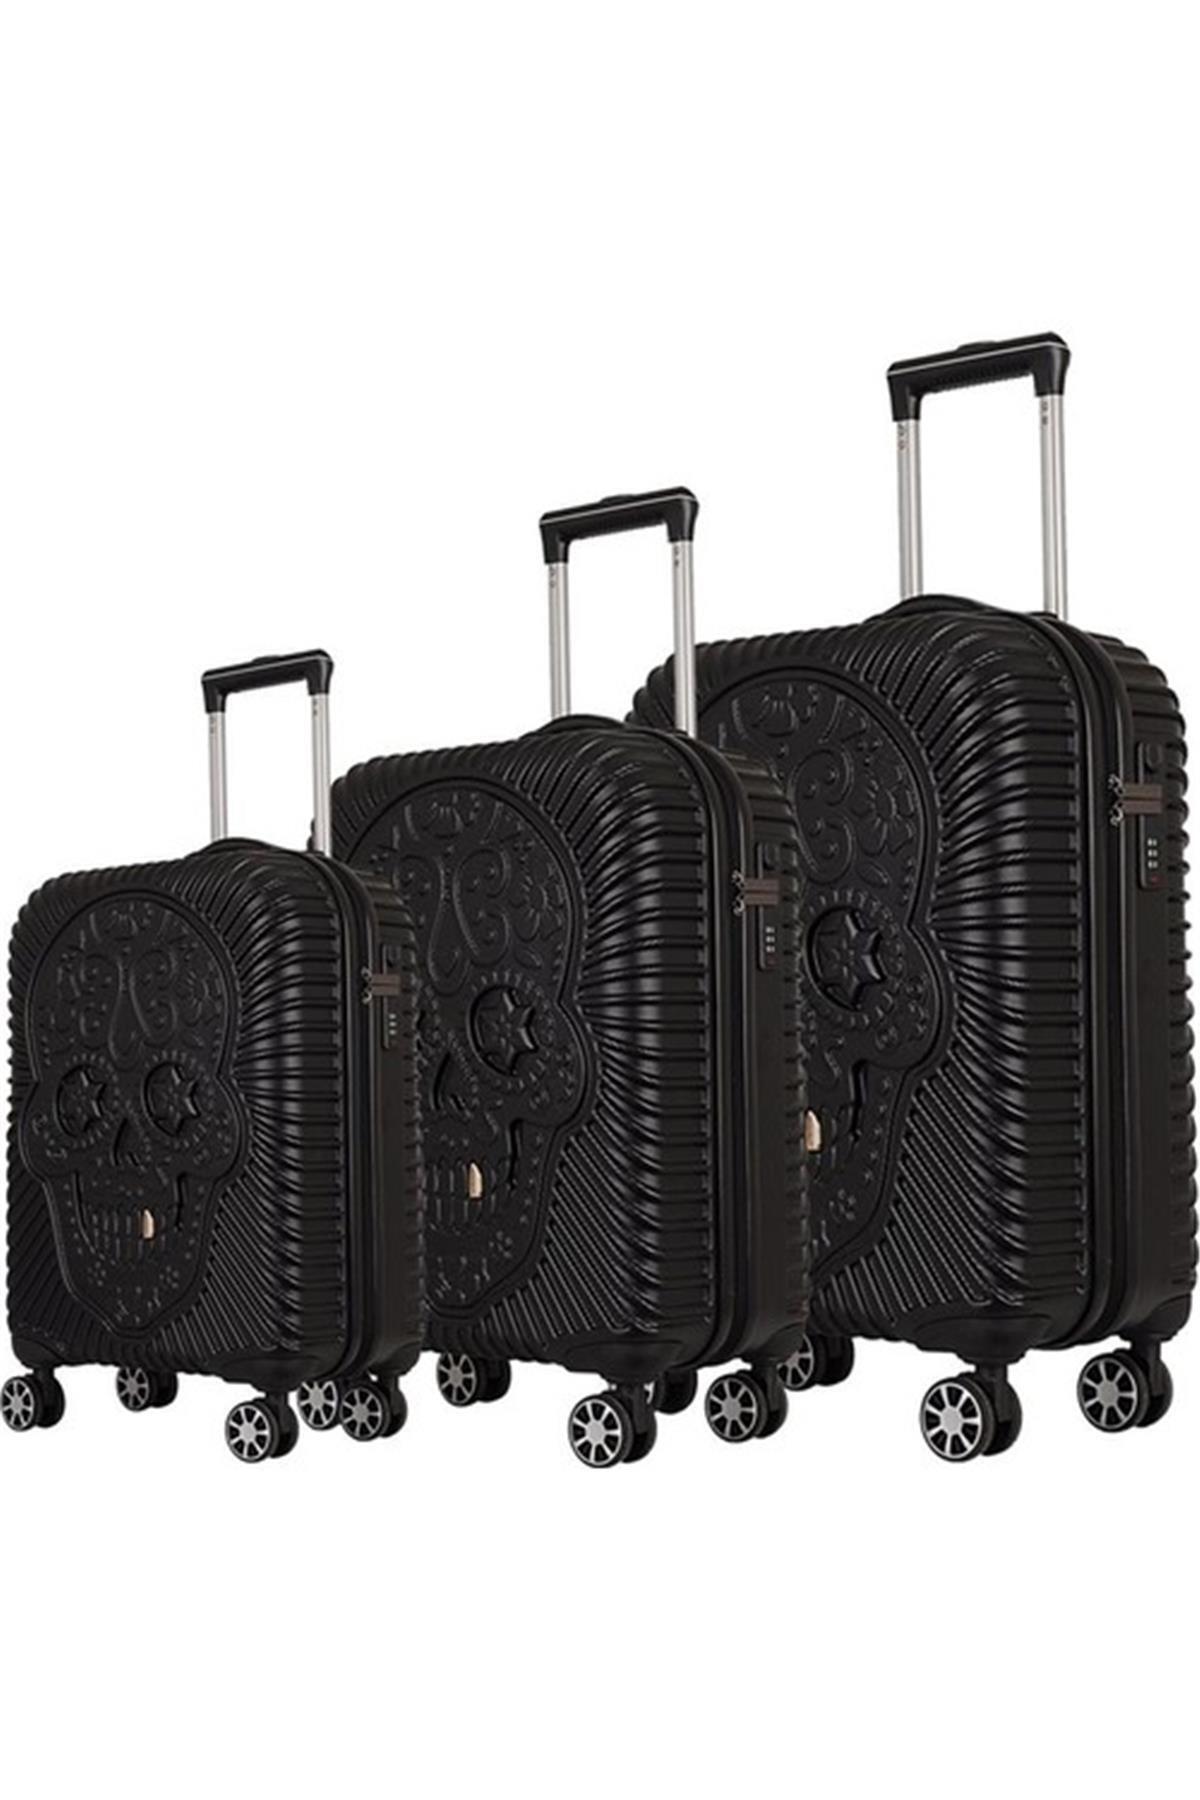 ÇÇS Grillz Collection Büyük Orta Ve Kabin Boy Valiz Seti Siyah 5180 1